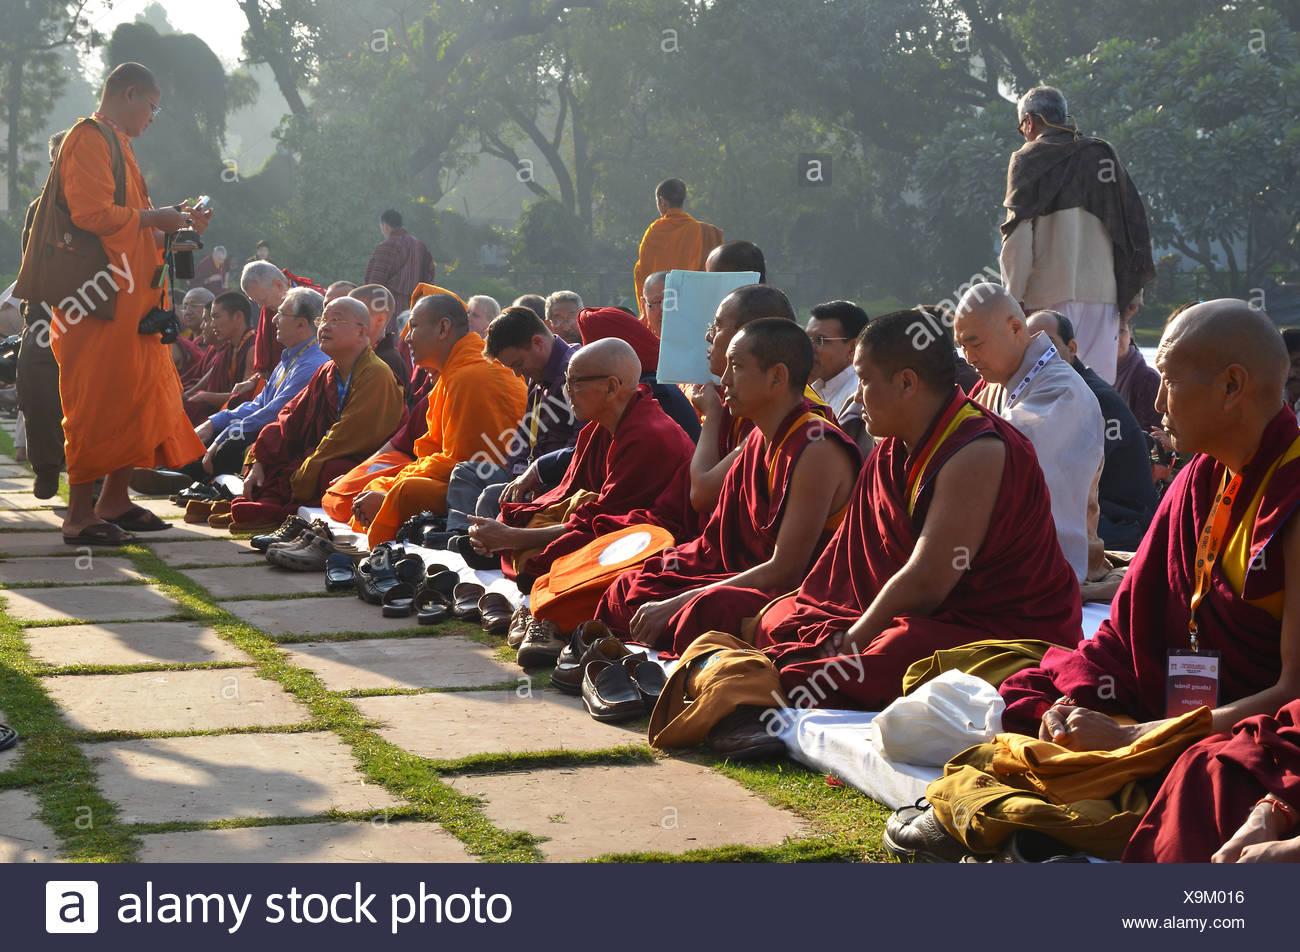 Los monjes de todas las tradiciones Budistas se reúnen para una oración comunitaria en sus túnicas naranja y roja, Congregación Budista Global 2011 Imagen De Stock